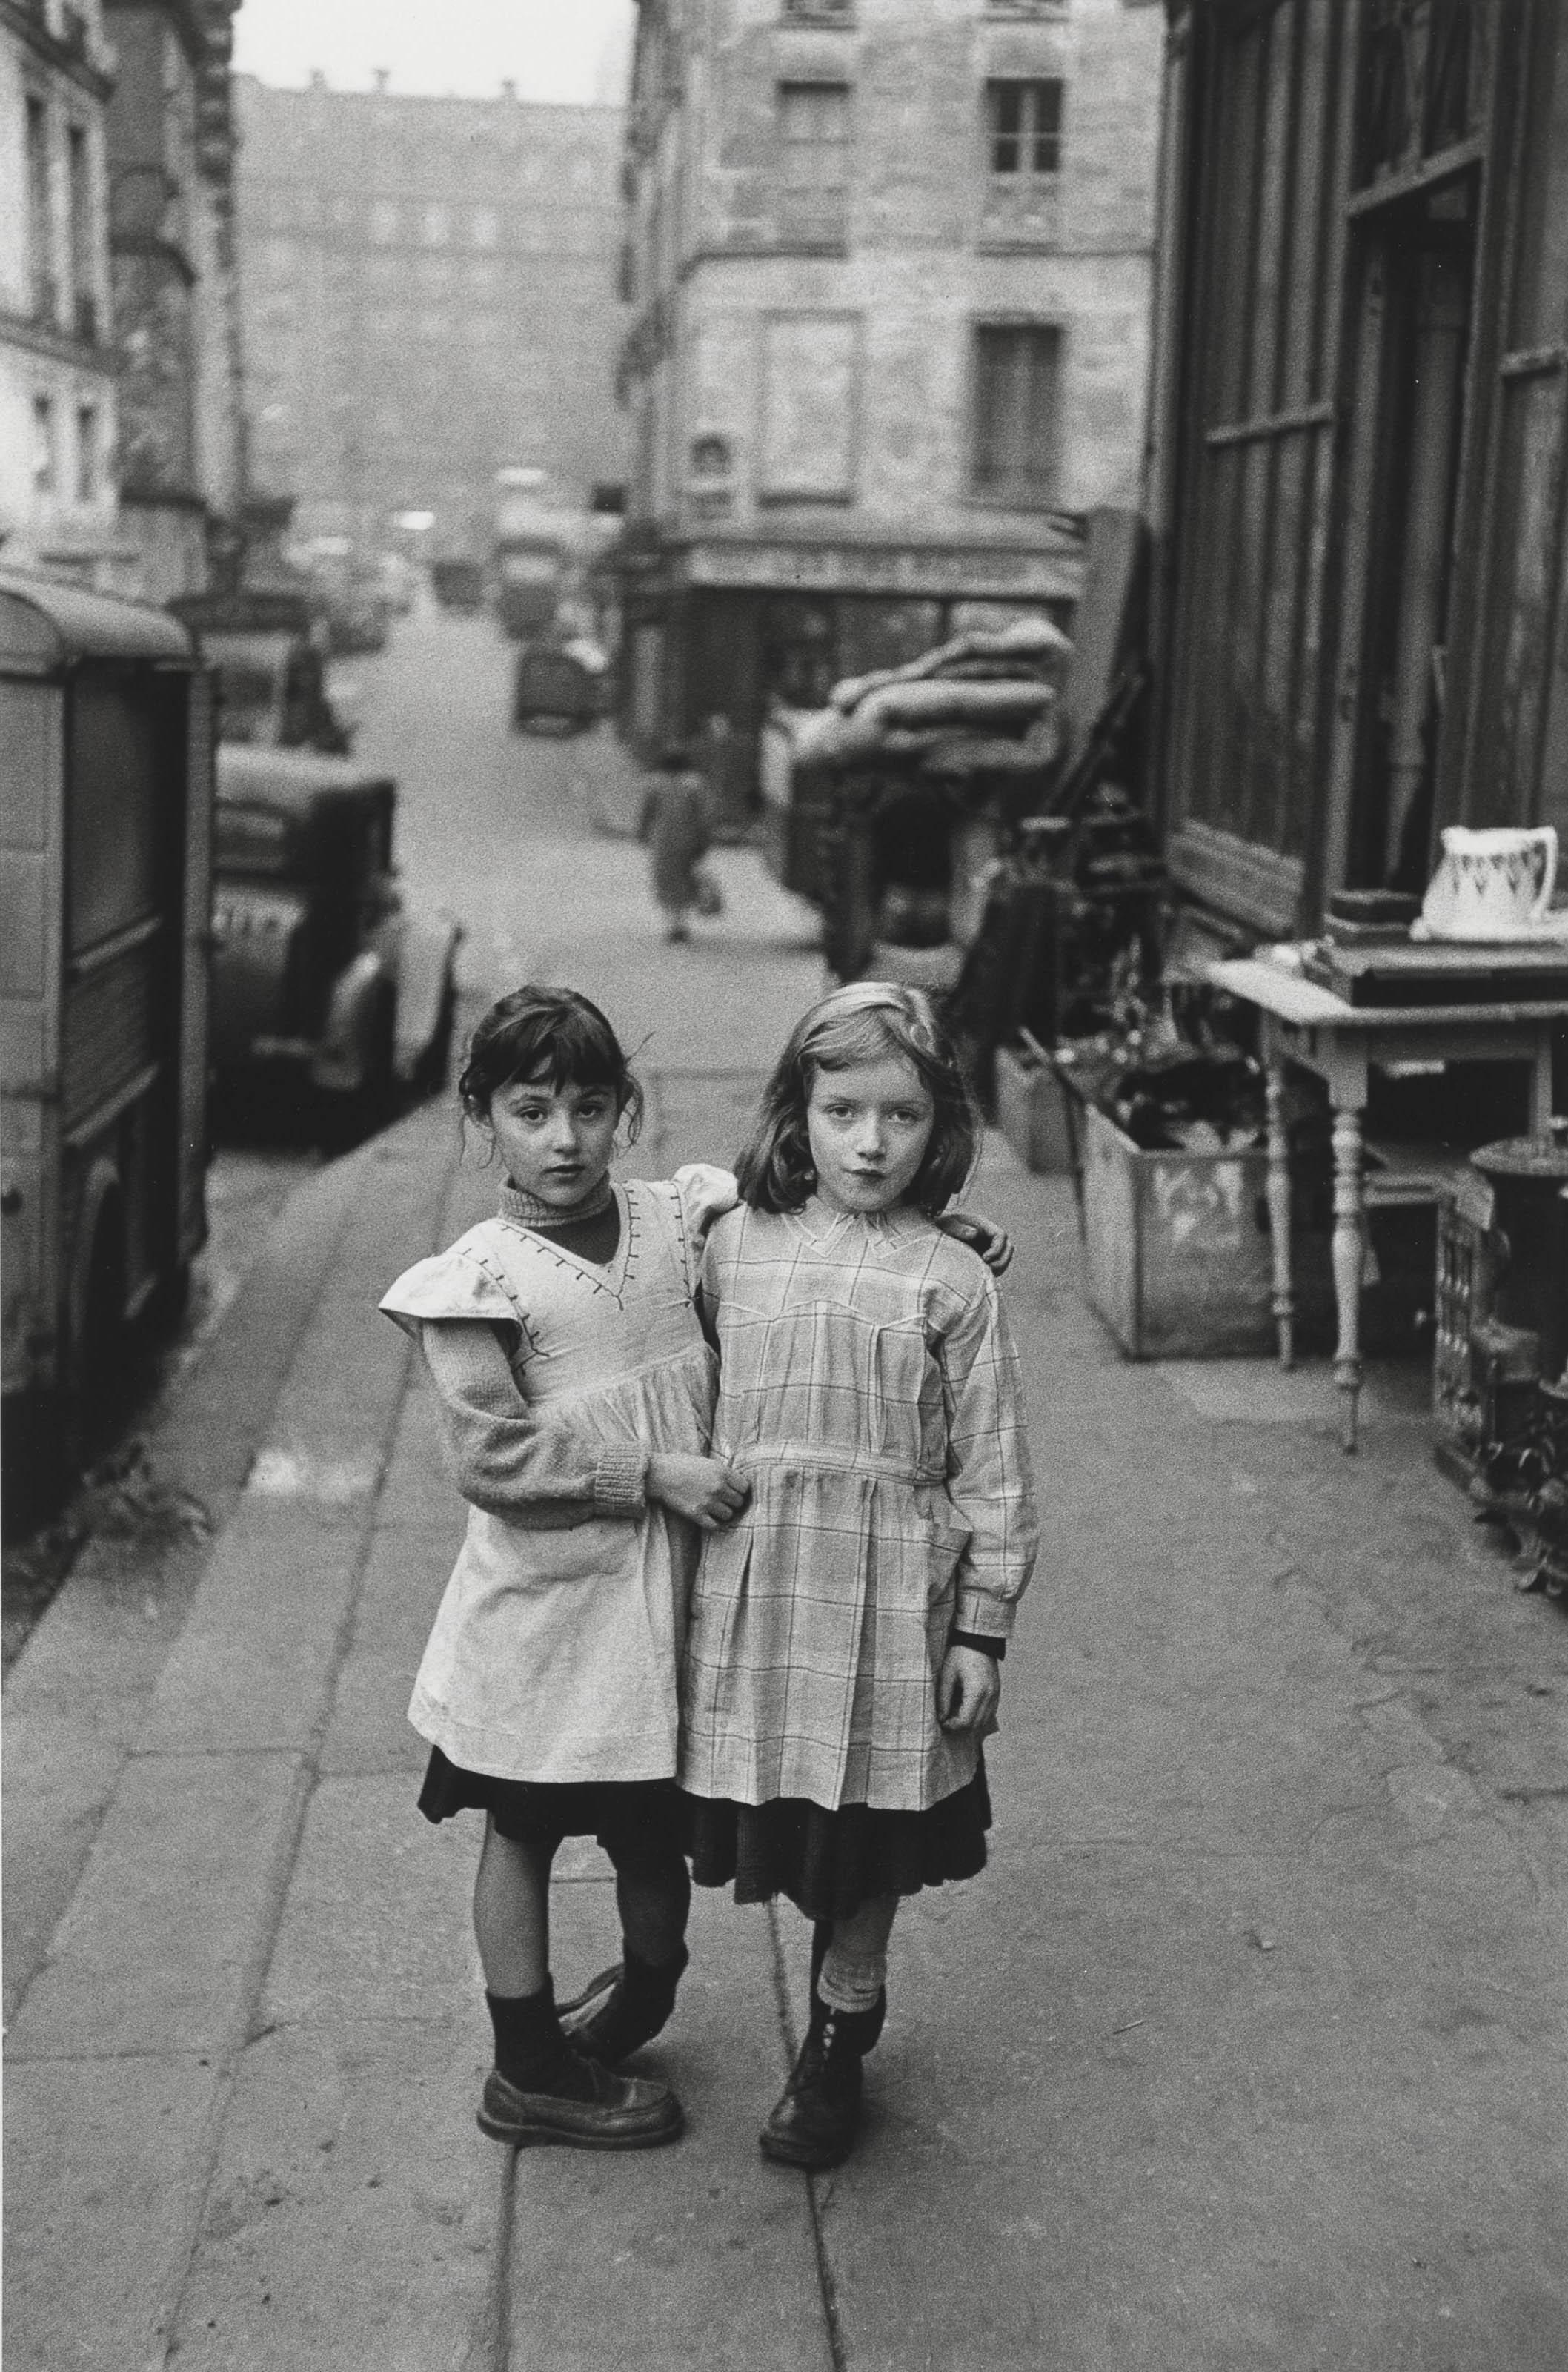 La Place Maubert, Paris 1954